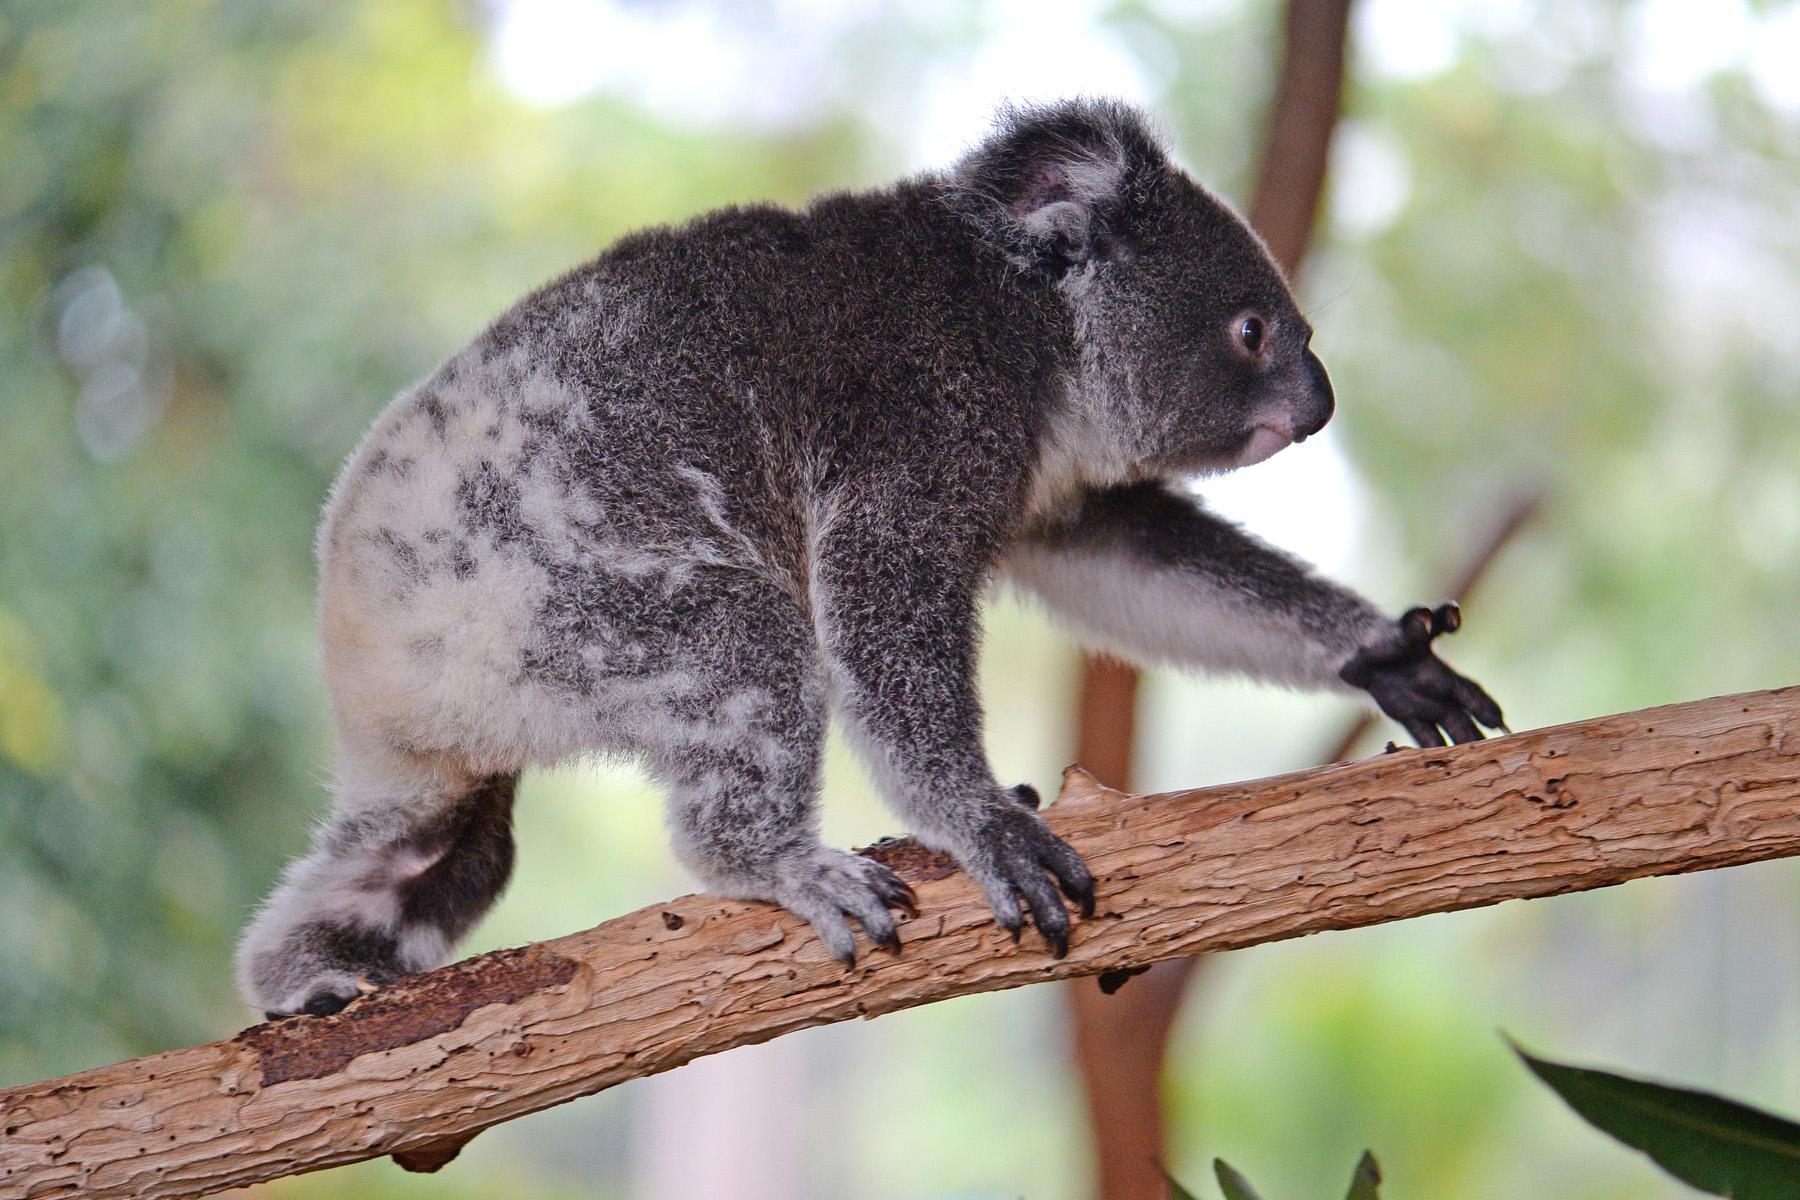 Koya the Koala walking across a branch.